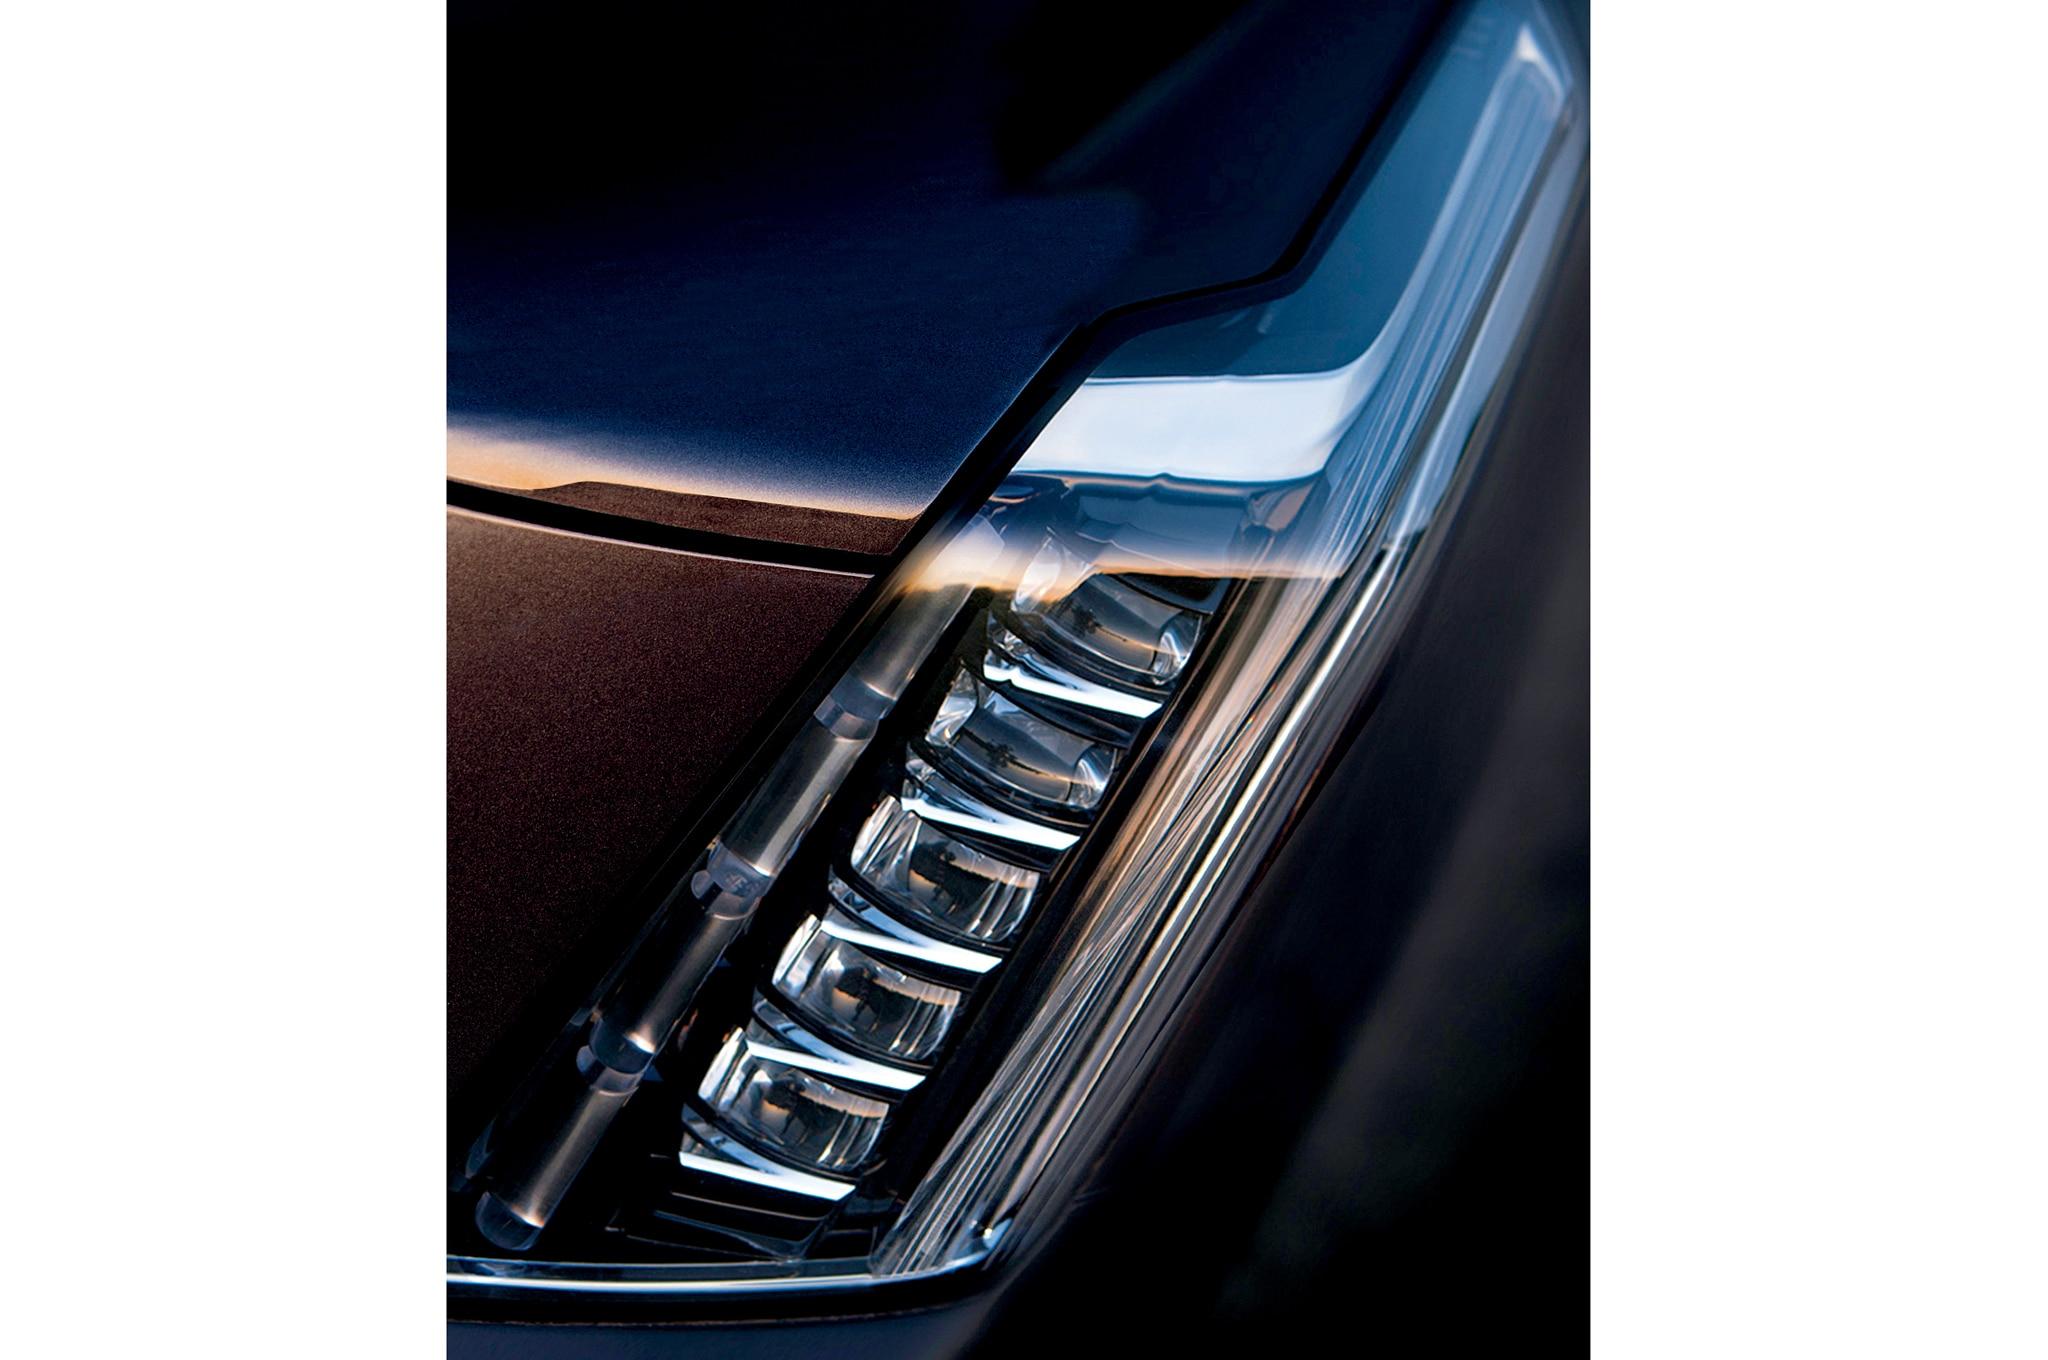 2015 Cadillac Escalade Teaser Headlight1